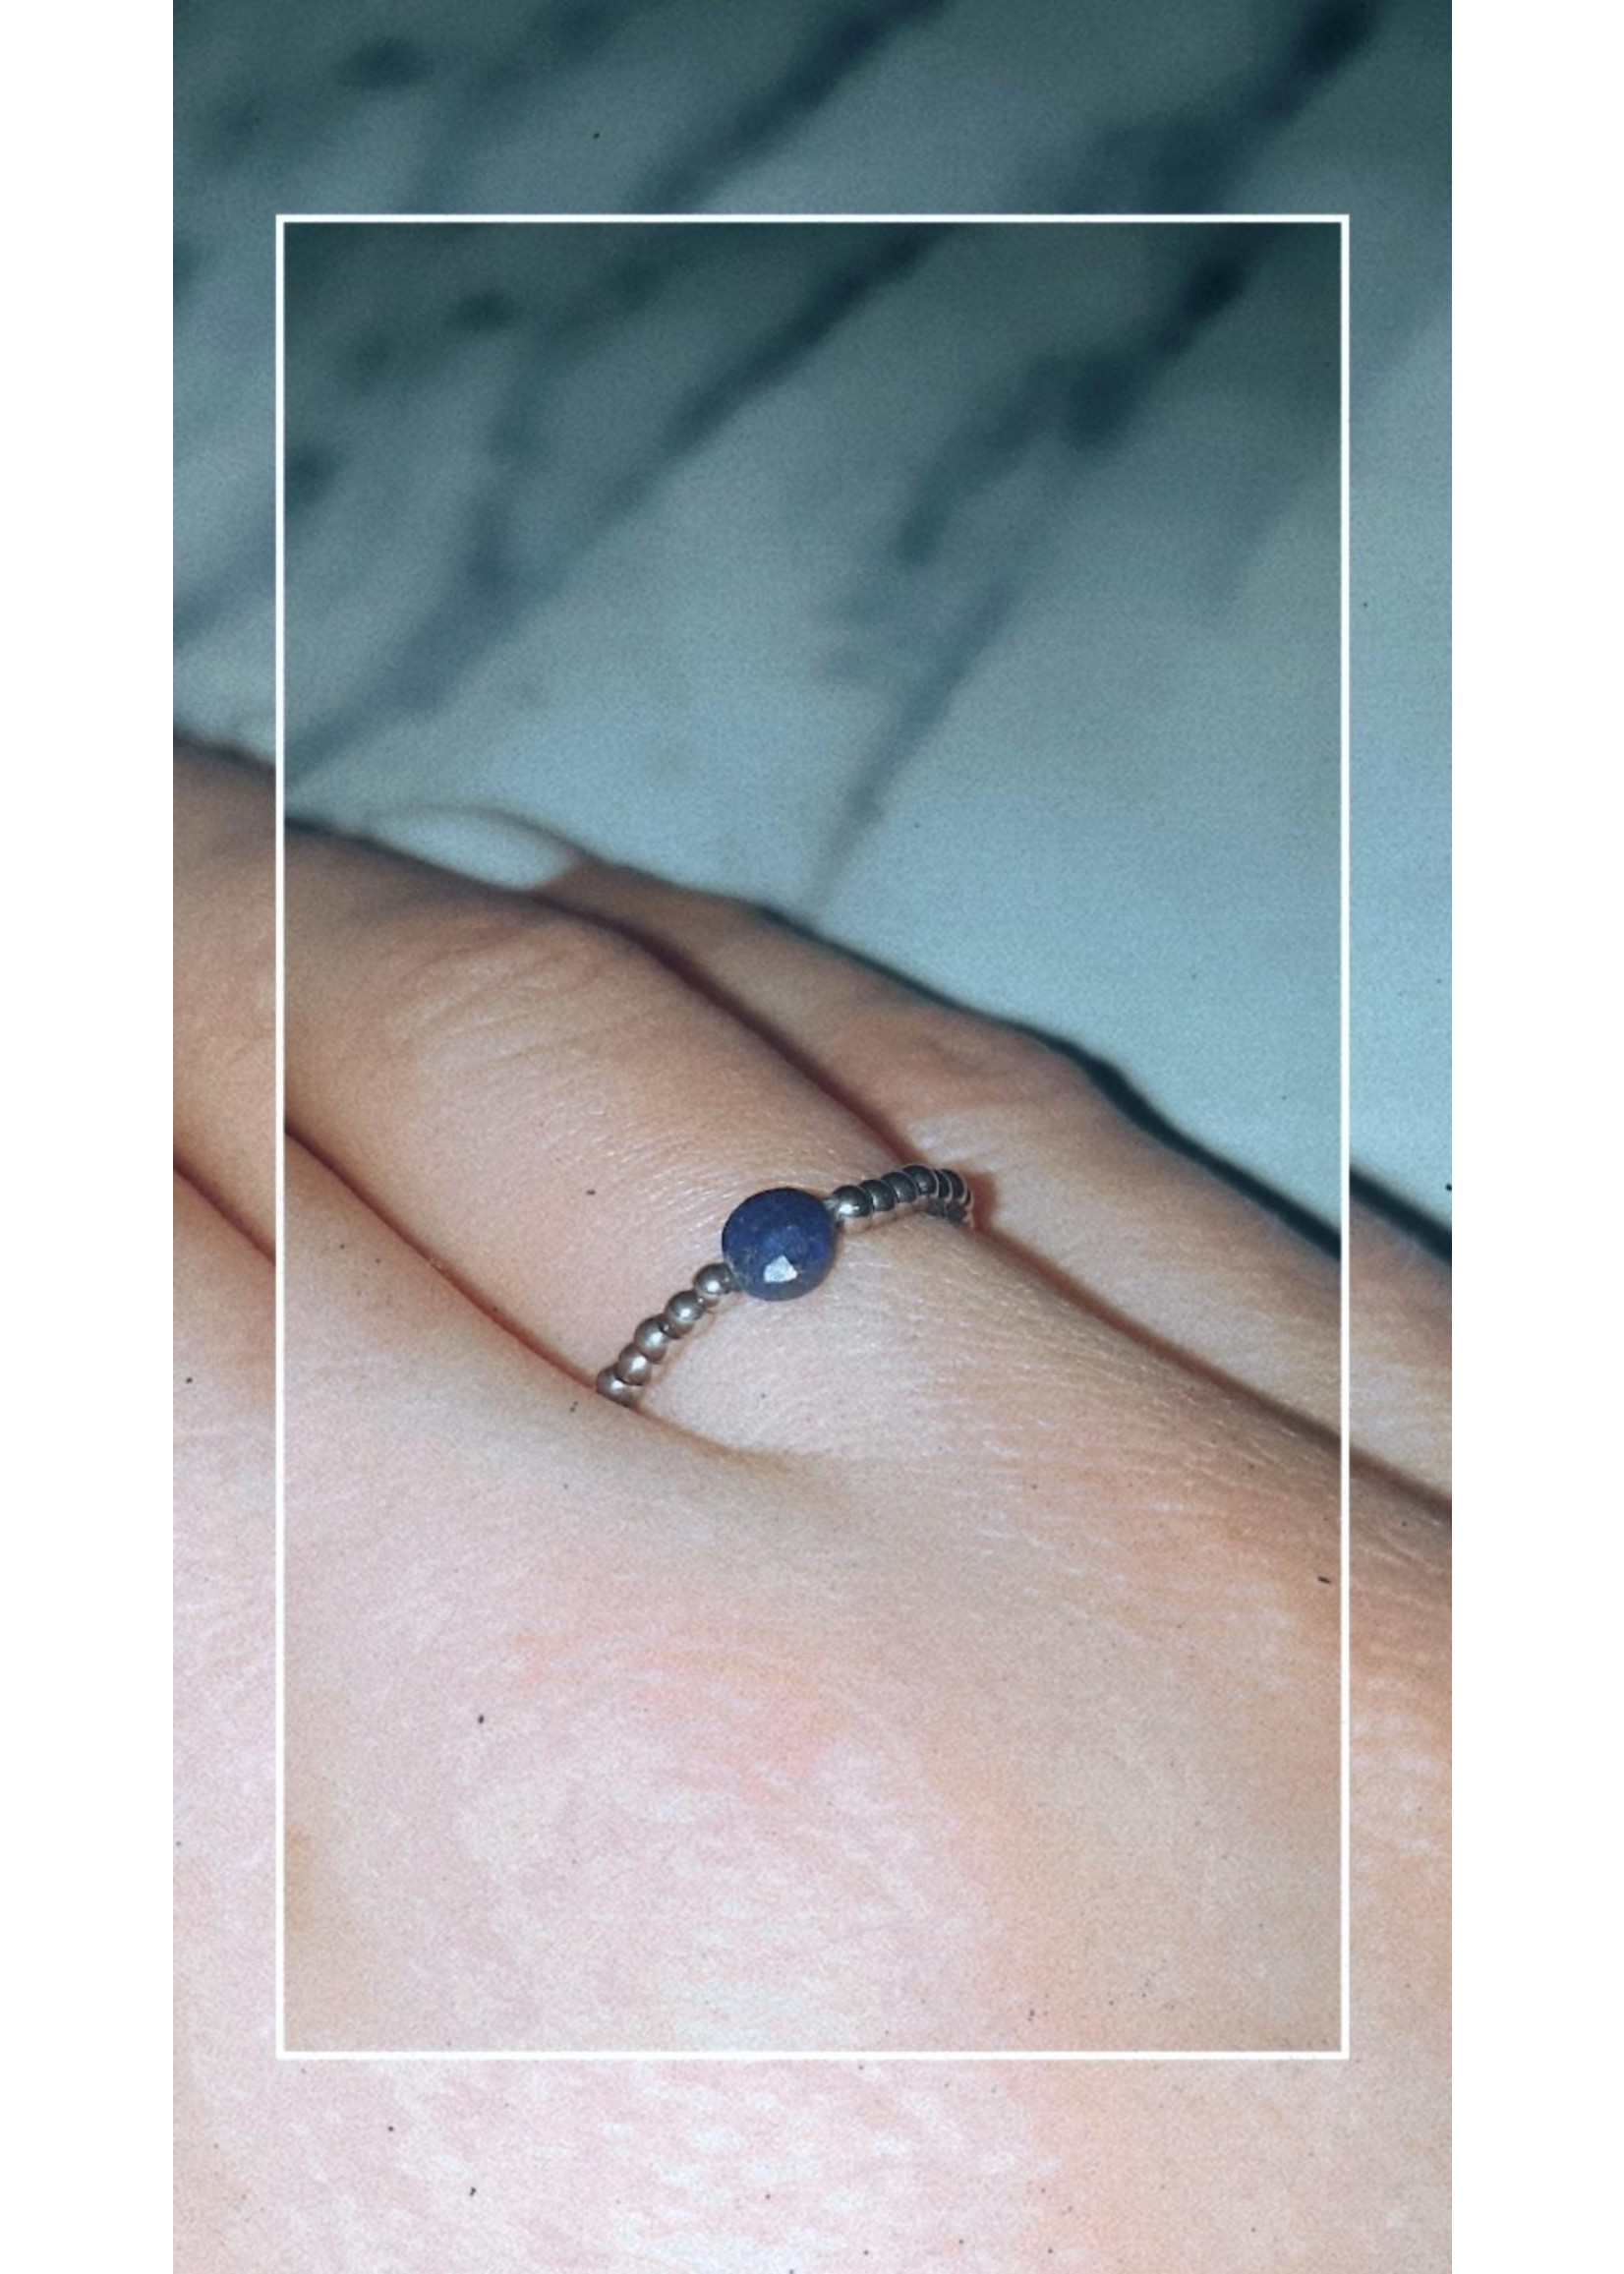 My Jewellery Ringetje van elastiek gekleurde steen ZILVER - BLAUW